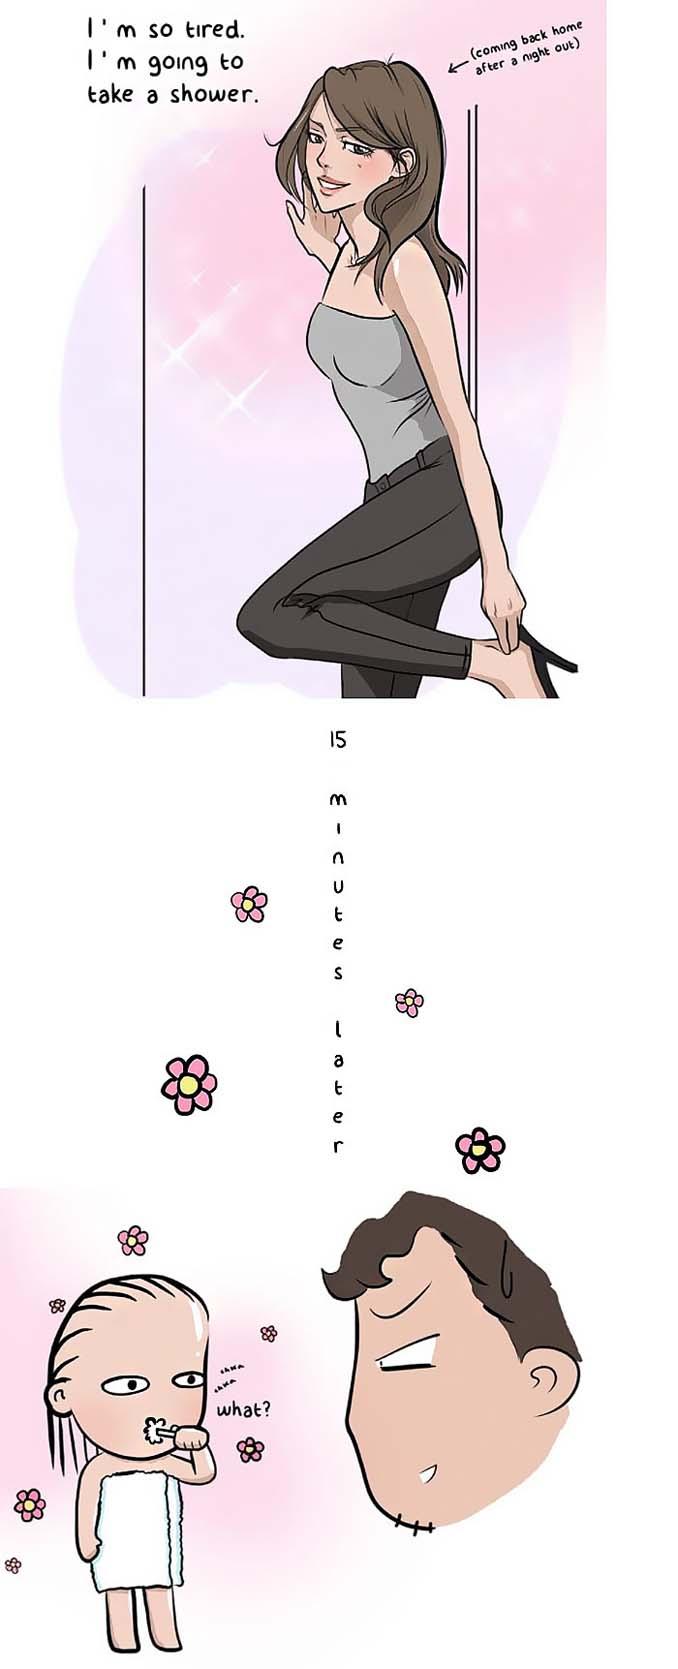 Χιουμοριστικά σκίτσα δείχνουν τι συμβαίνει όταν νιώσεις άνετα σε μια σχέση (3)